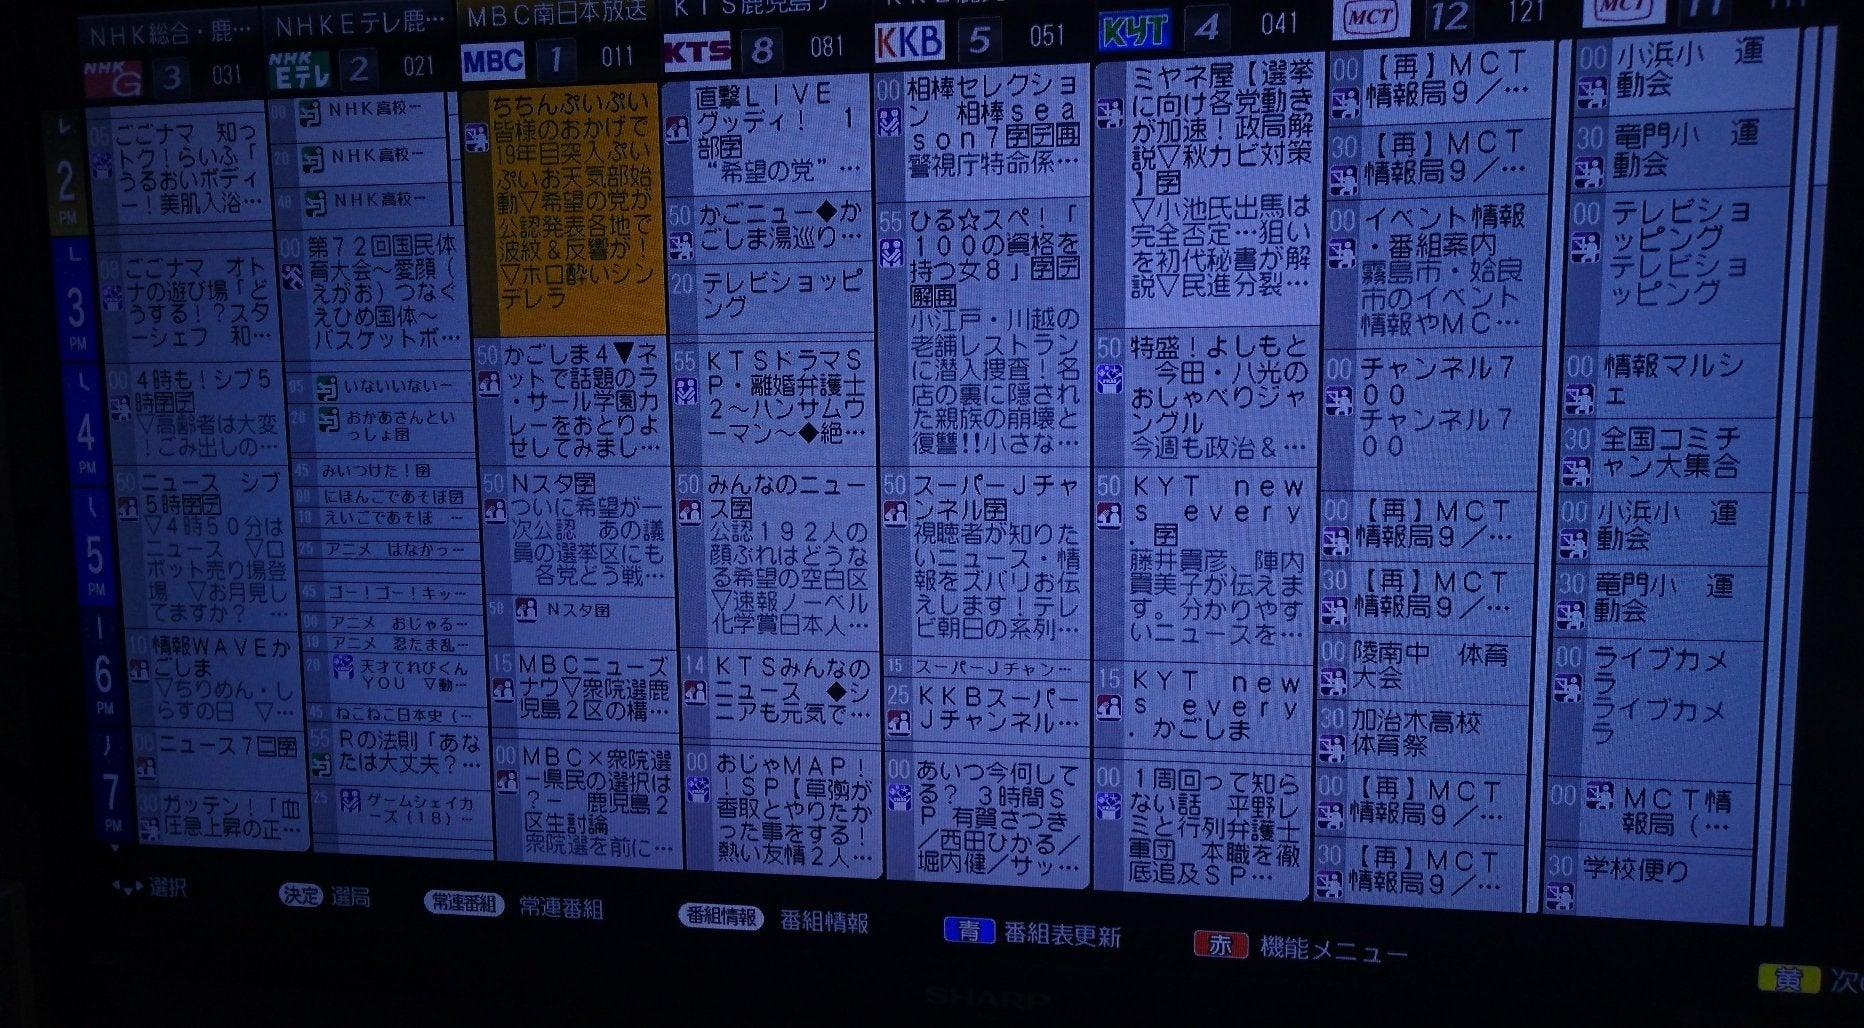 鹿児島 表 テレビ 番組 テレビ朝日 番組表